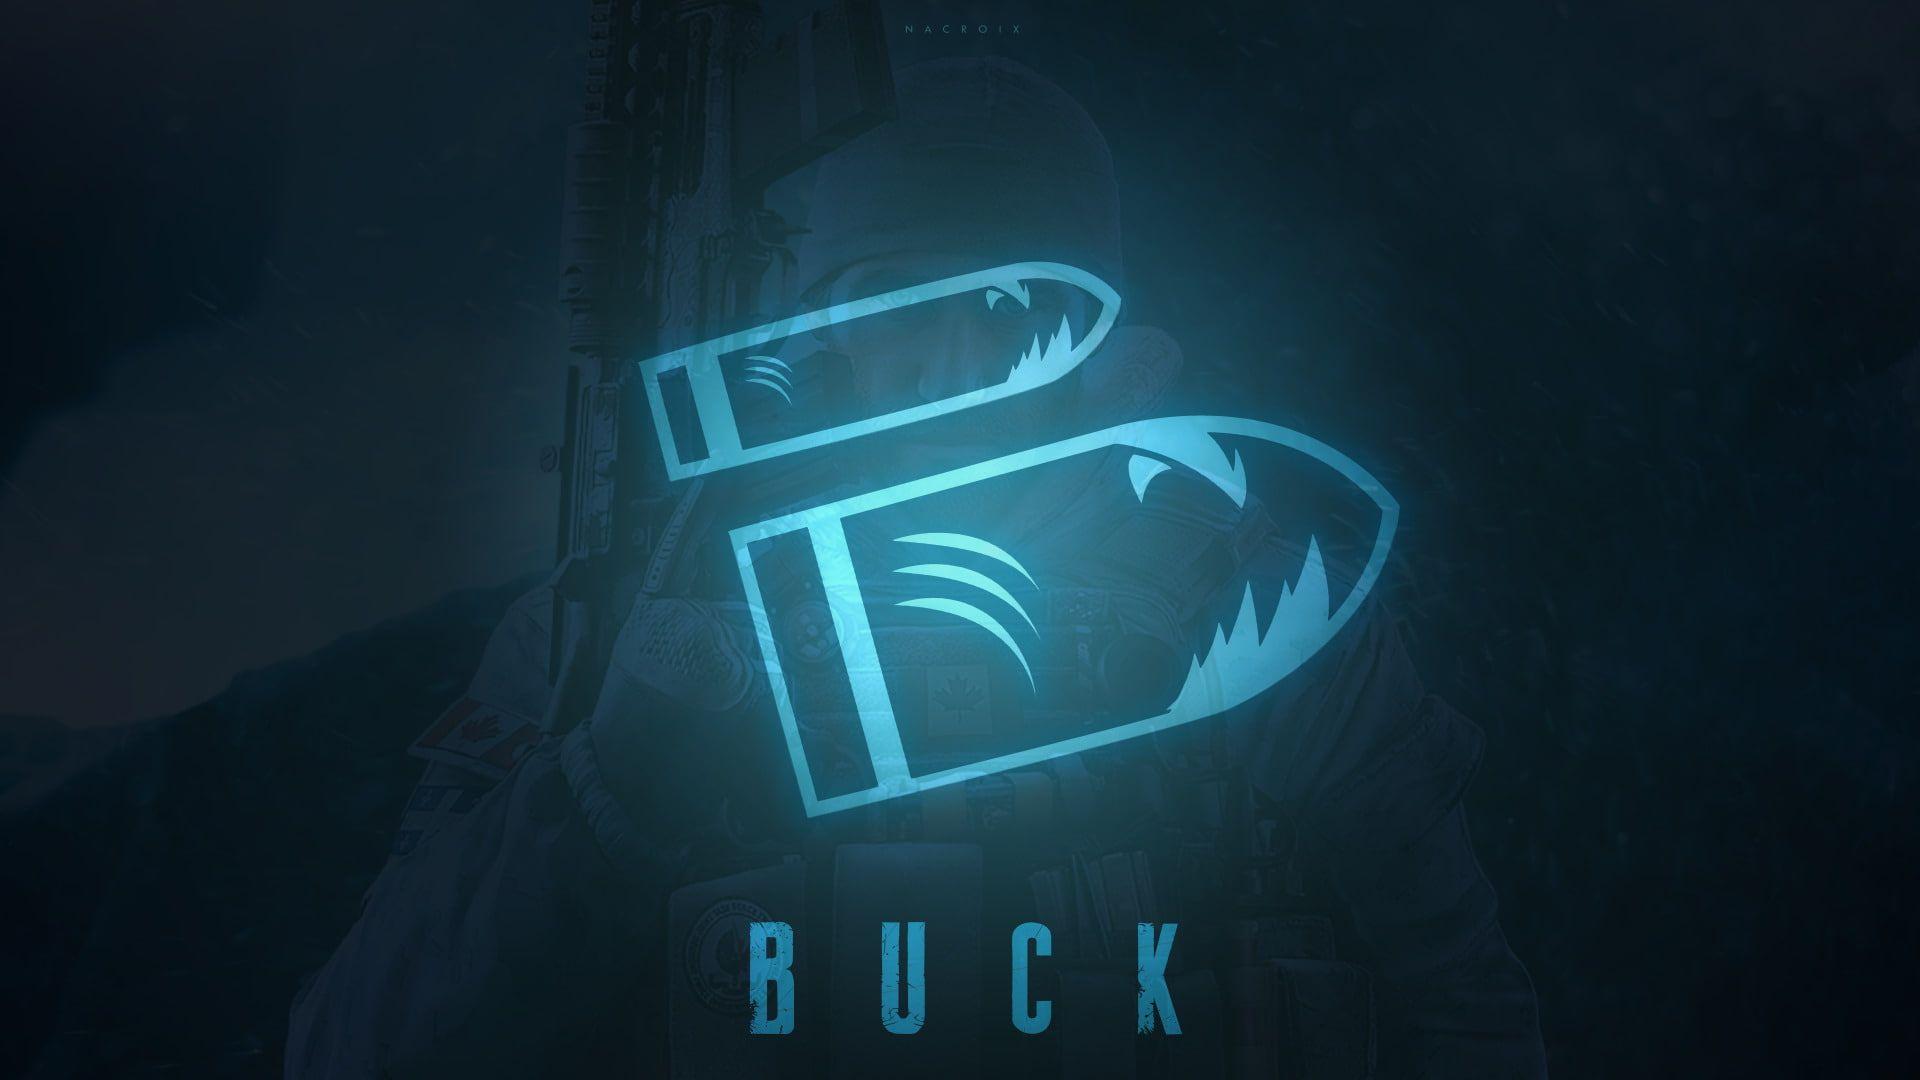 Video Game Tom Clancy S Rainbow Six Siege Buck Tom Clancy S